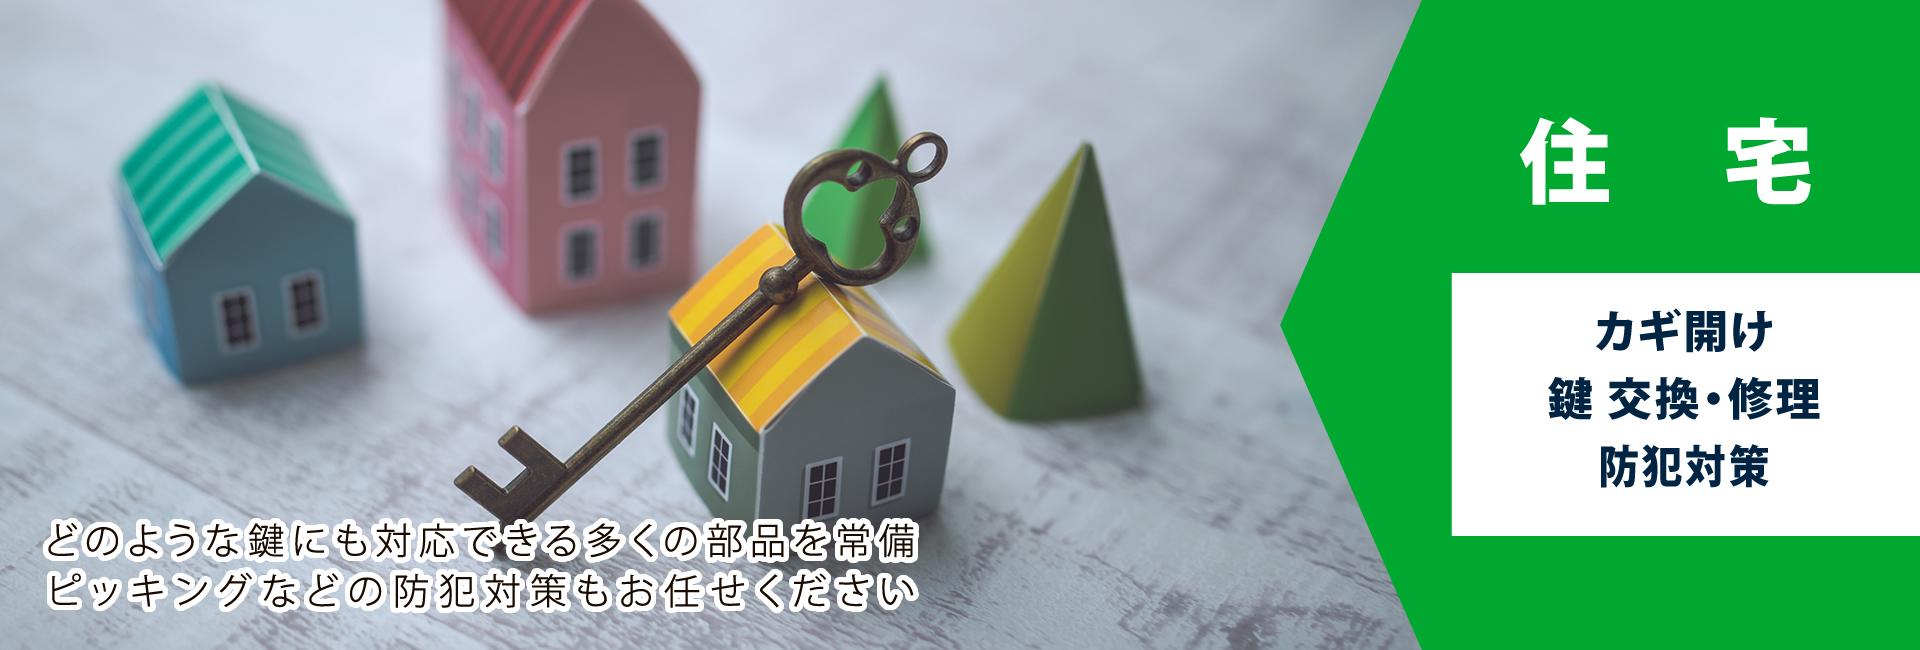 住宅の鍵トラブル全てお任せ下さい